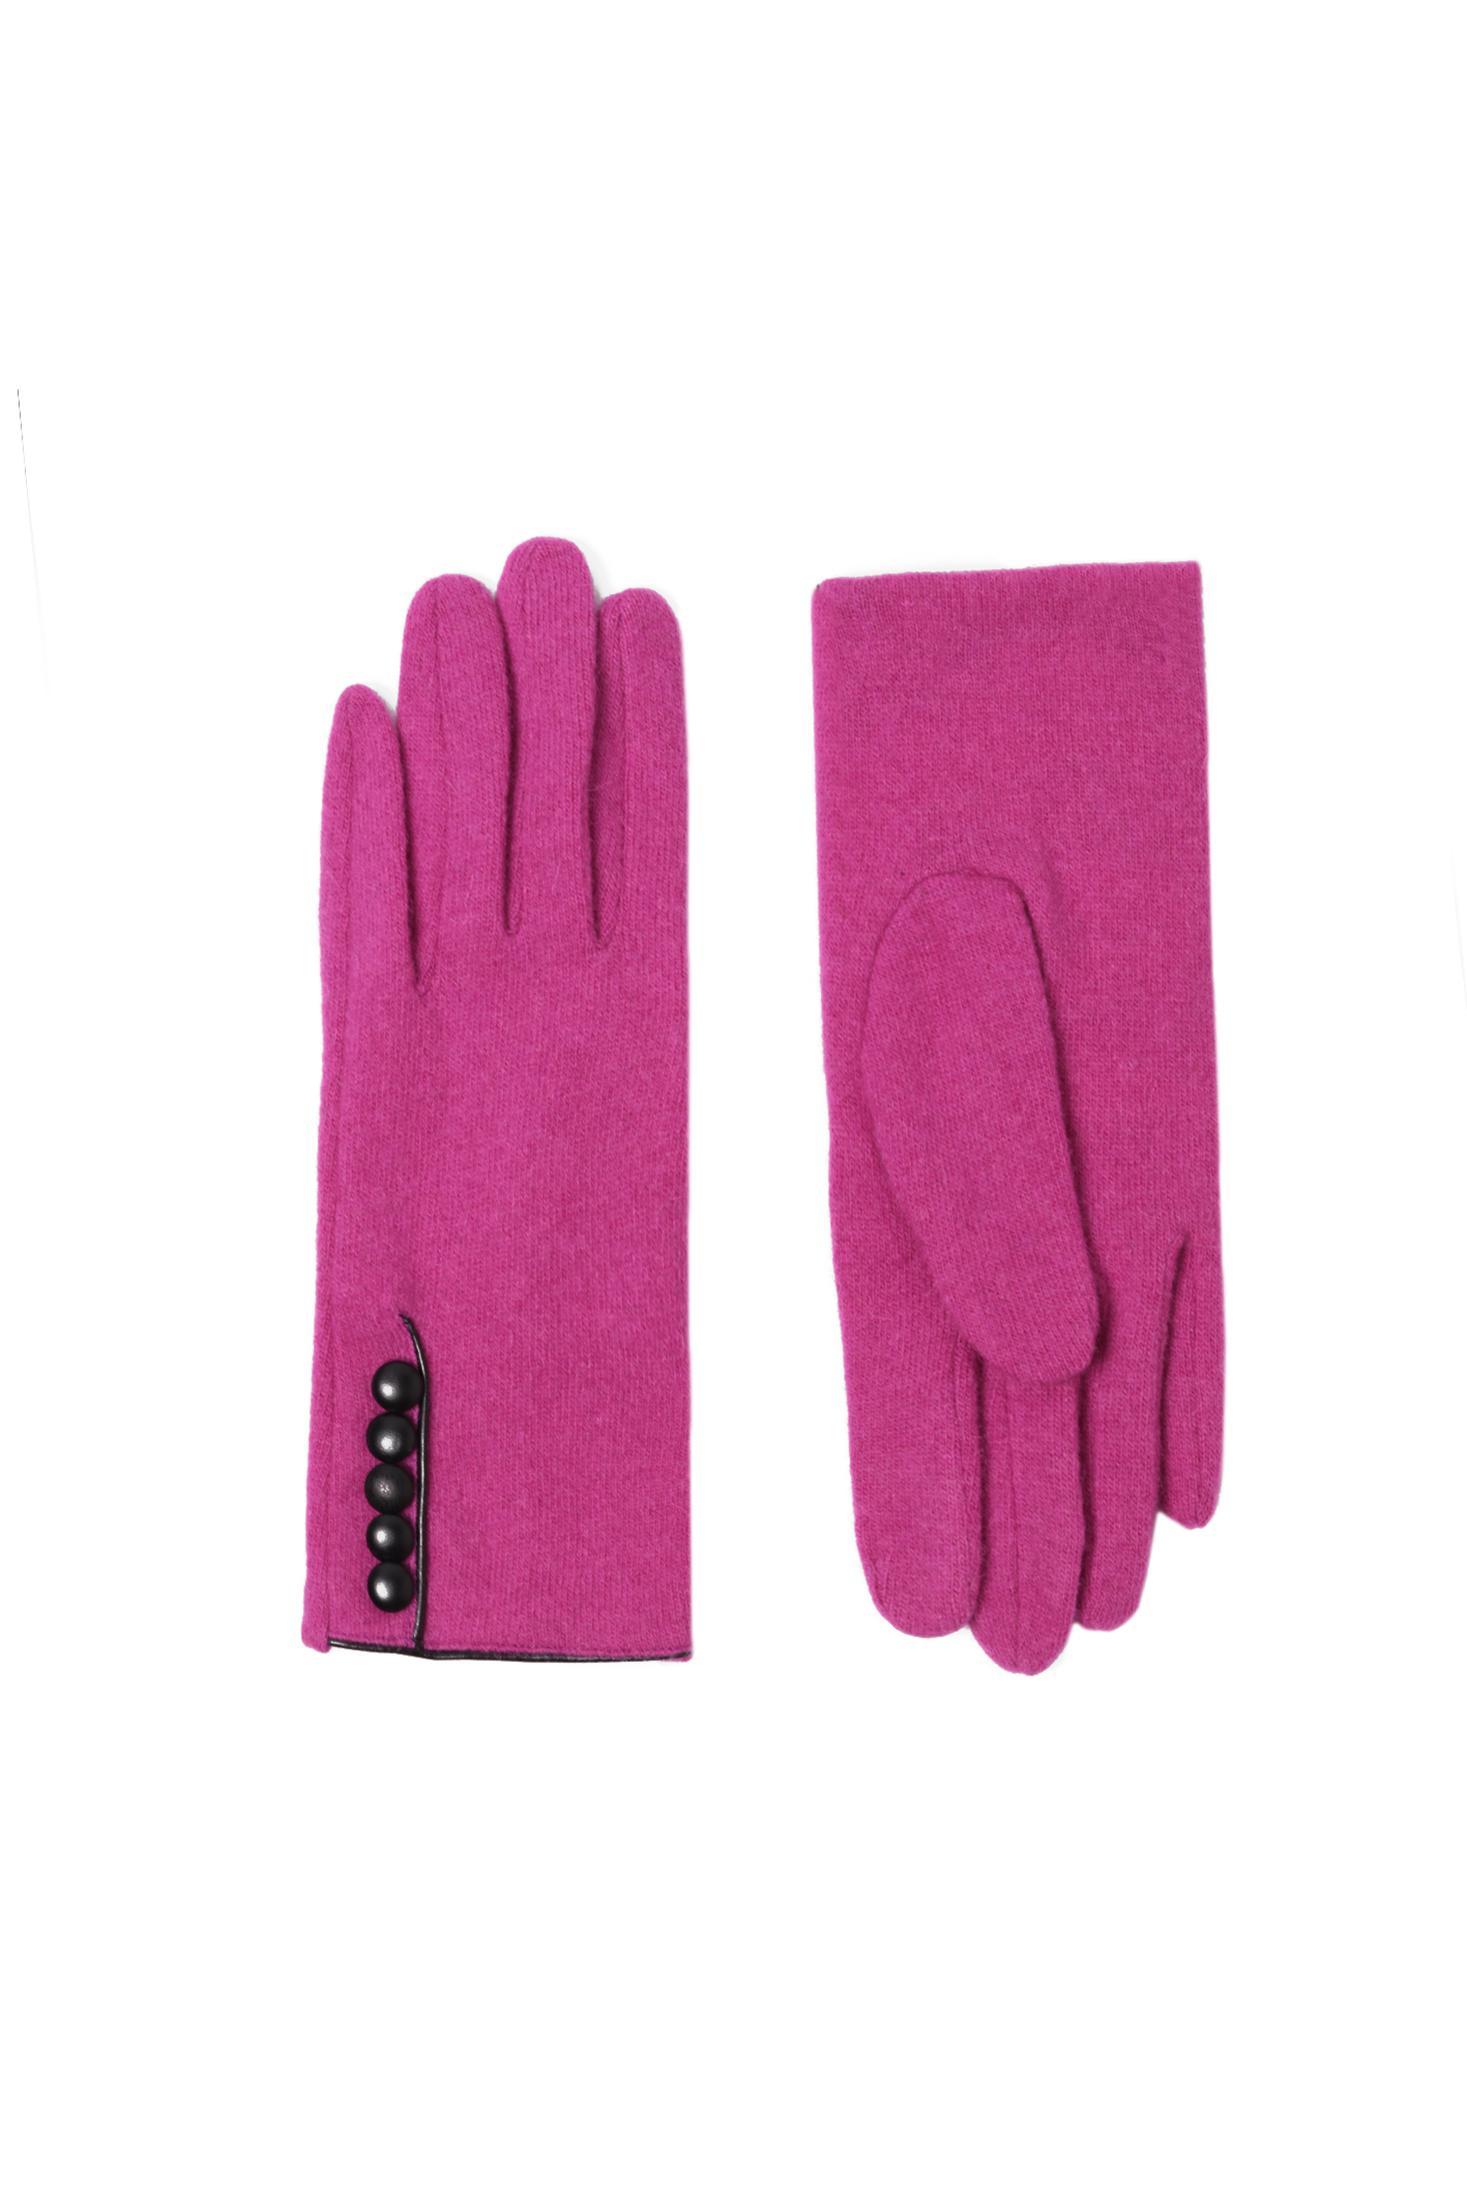 rękawiczki damskie dzianinowe HANSKI